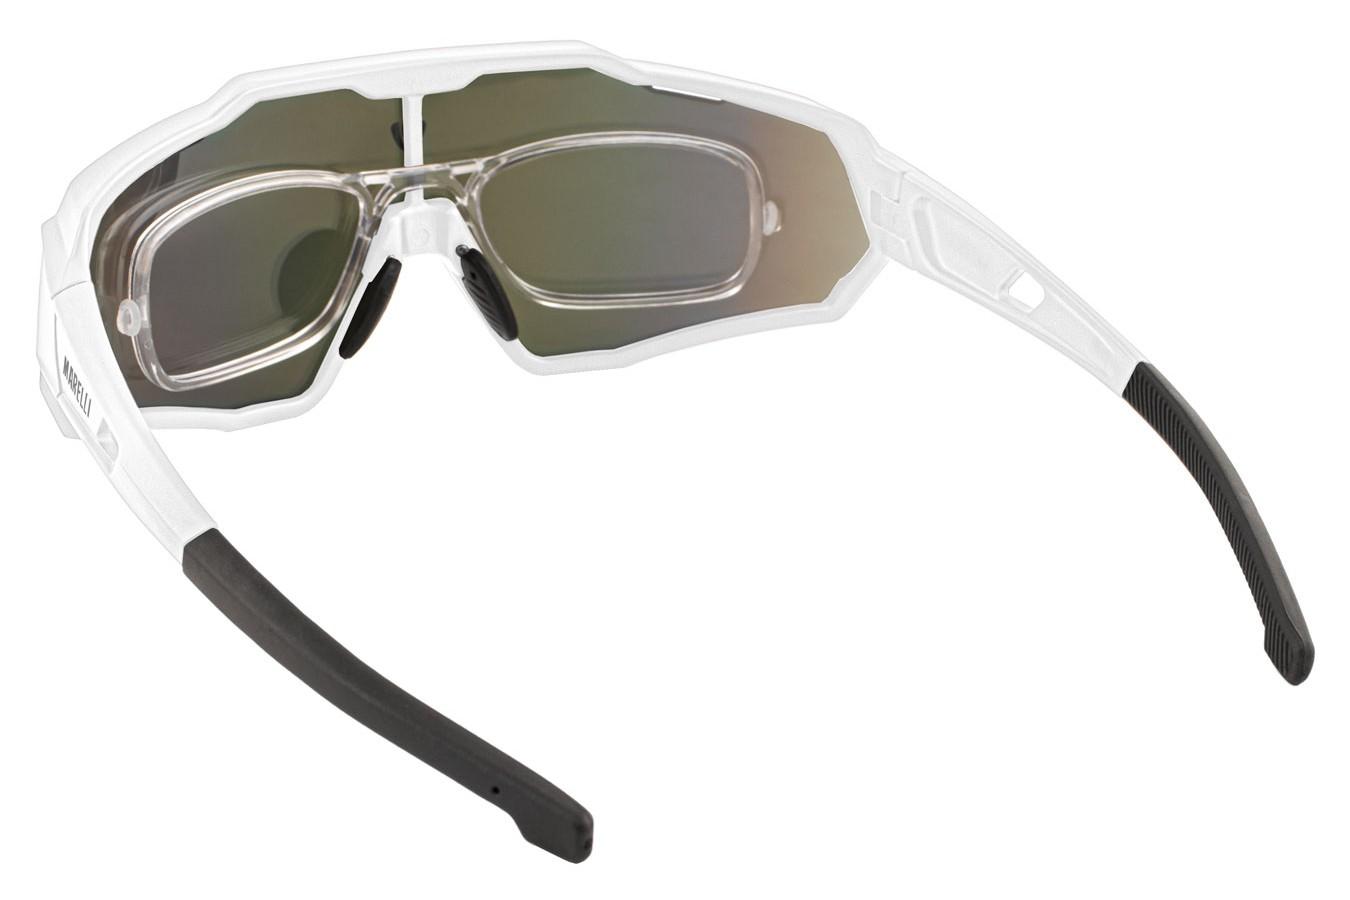 Óculos de ciclismo Veloce 3 lentes - Marelli